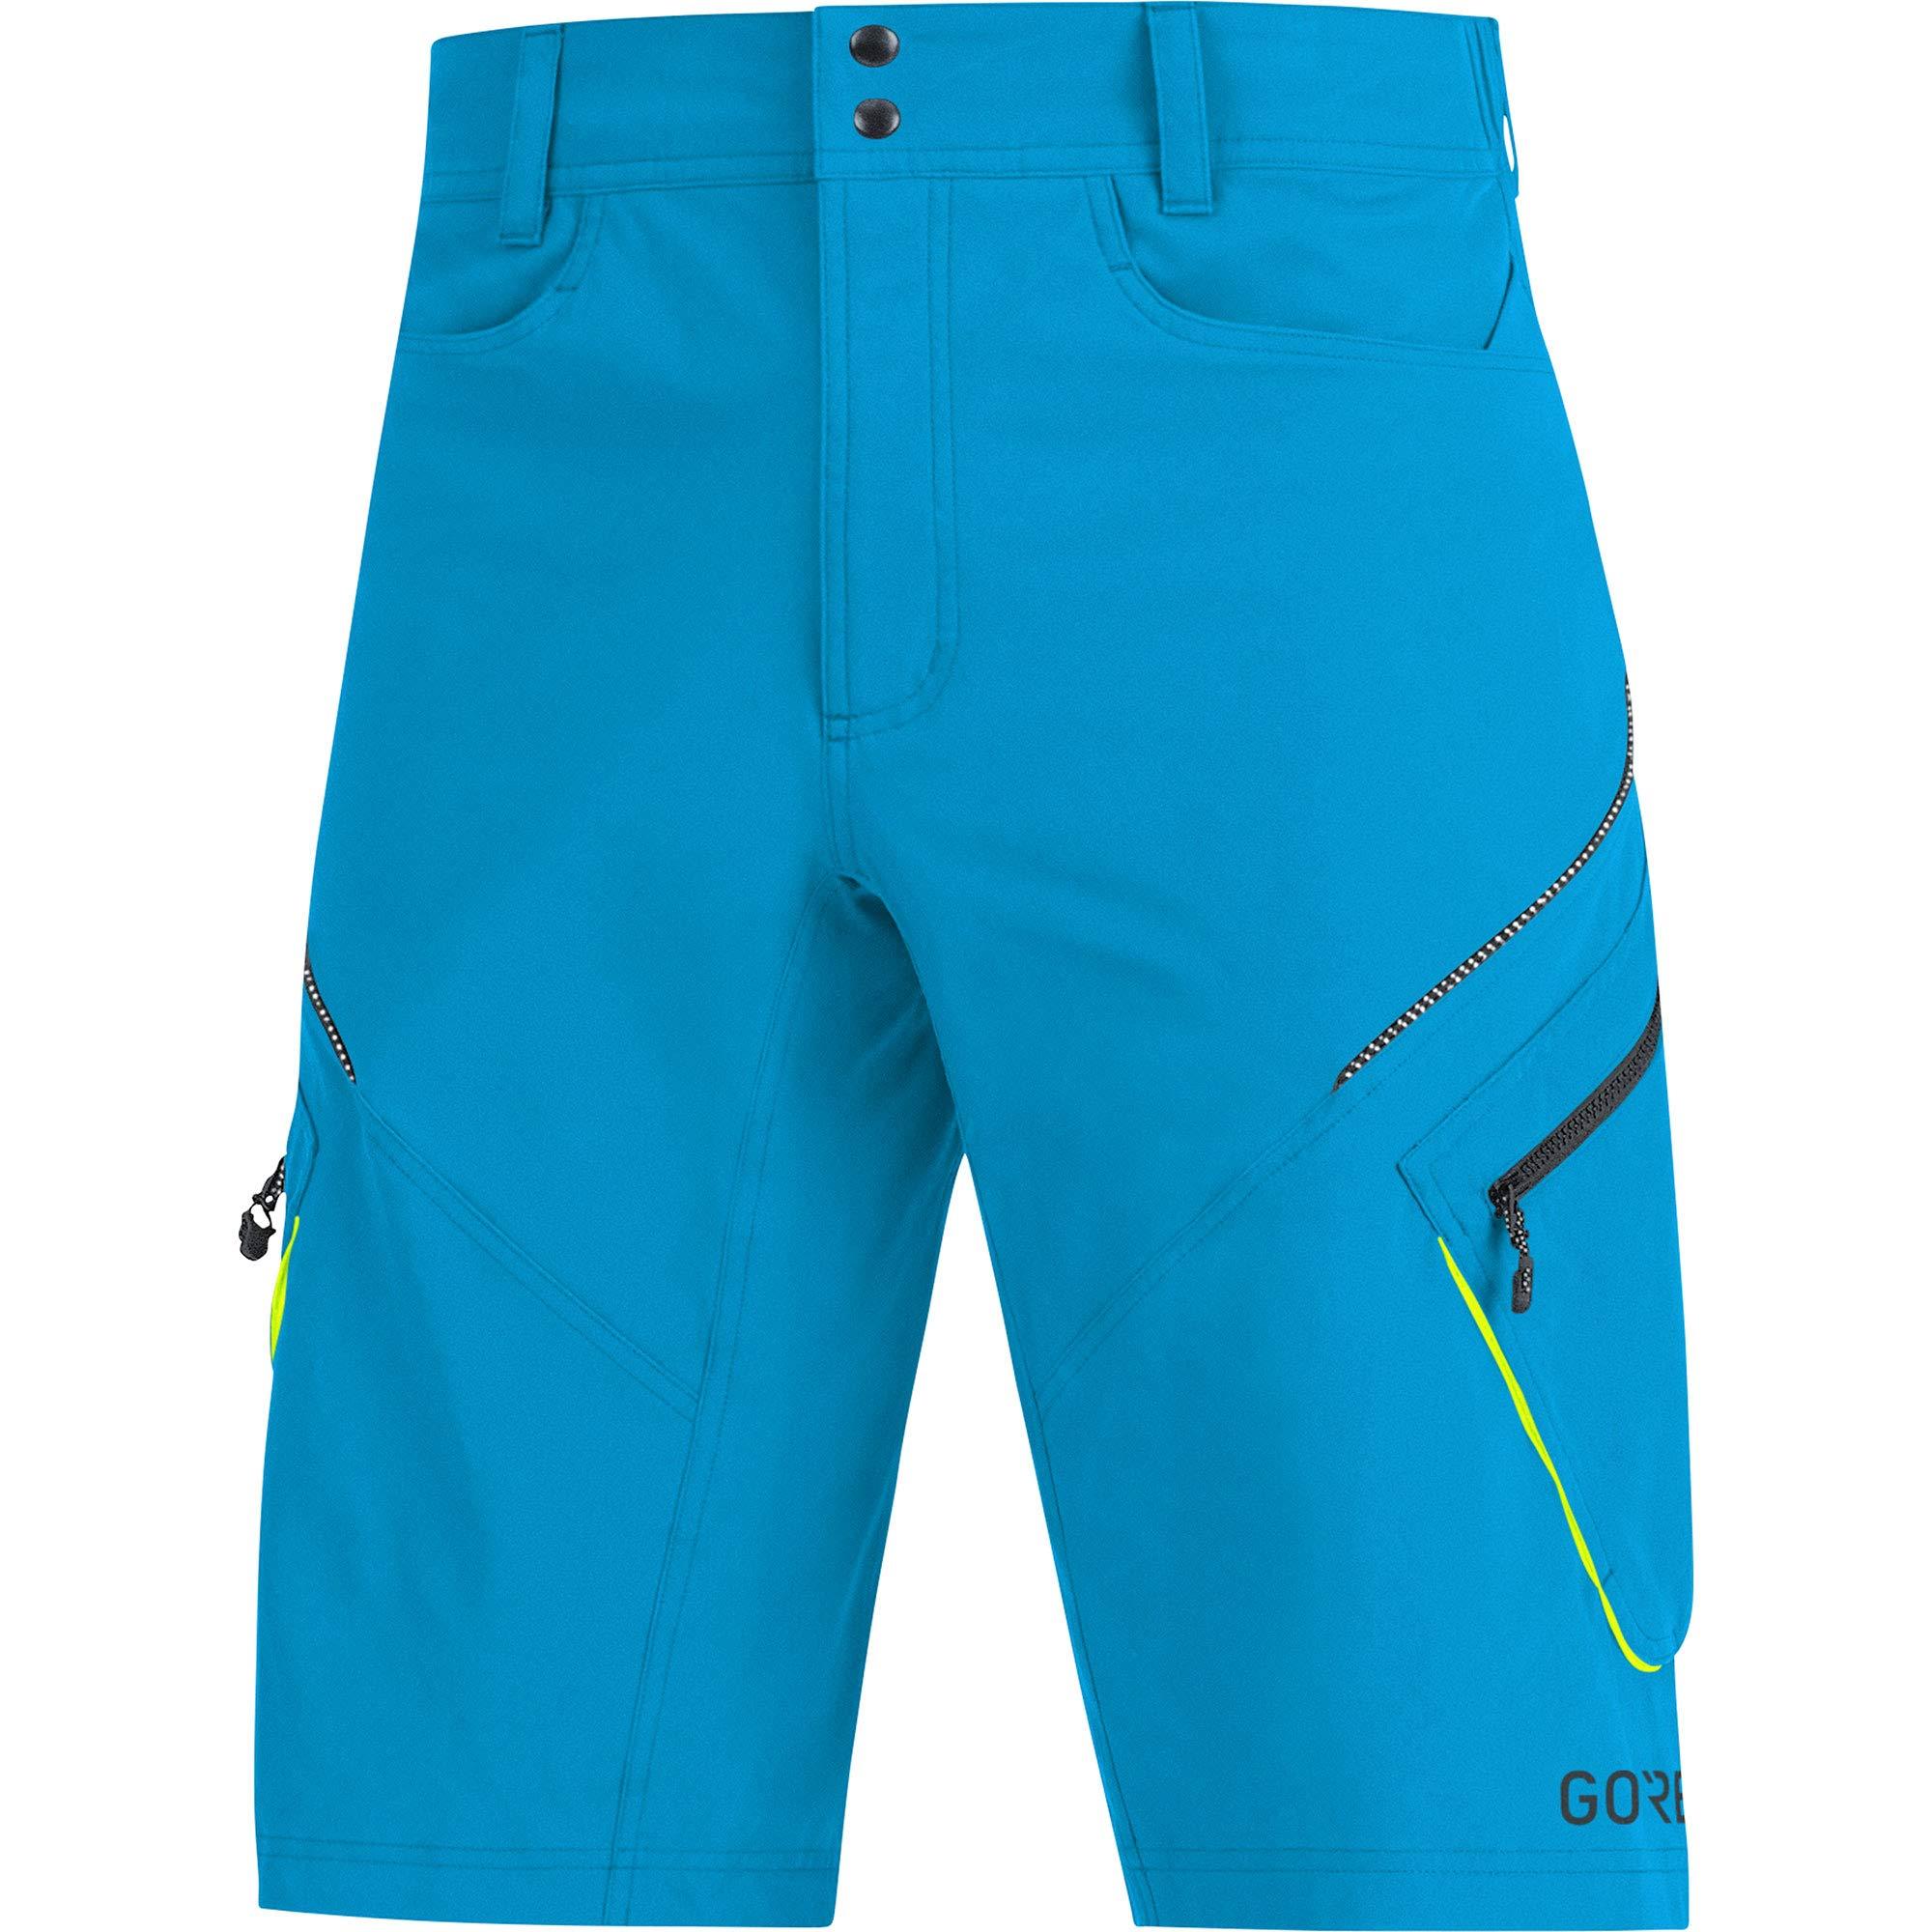 GORE WEAR C3 Men's Shorts, Size: XXL, Color: Blue